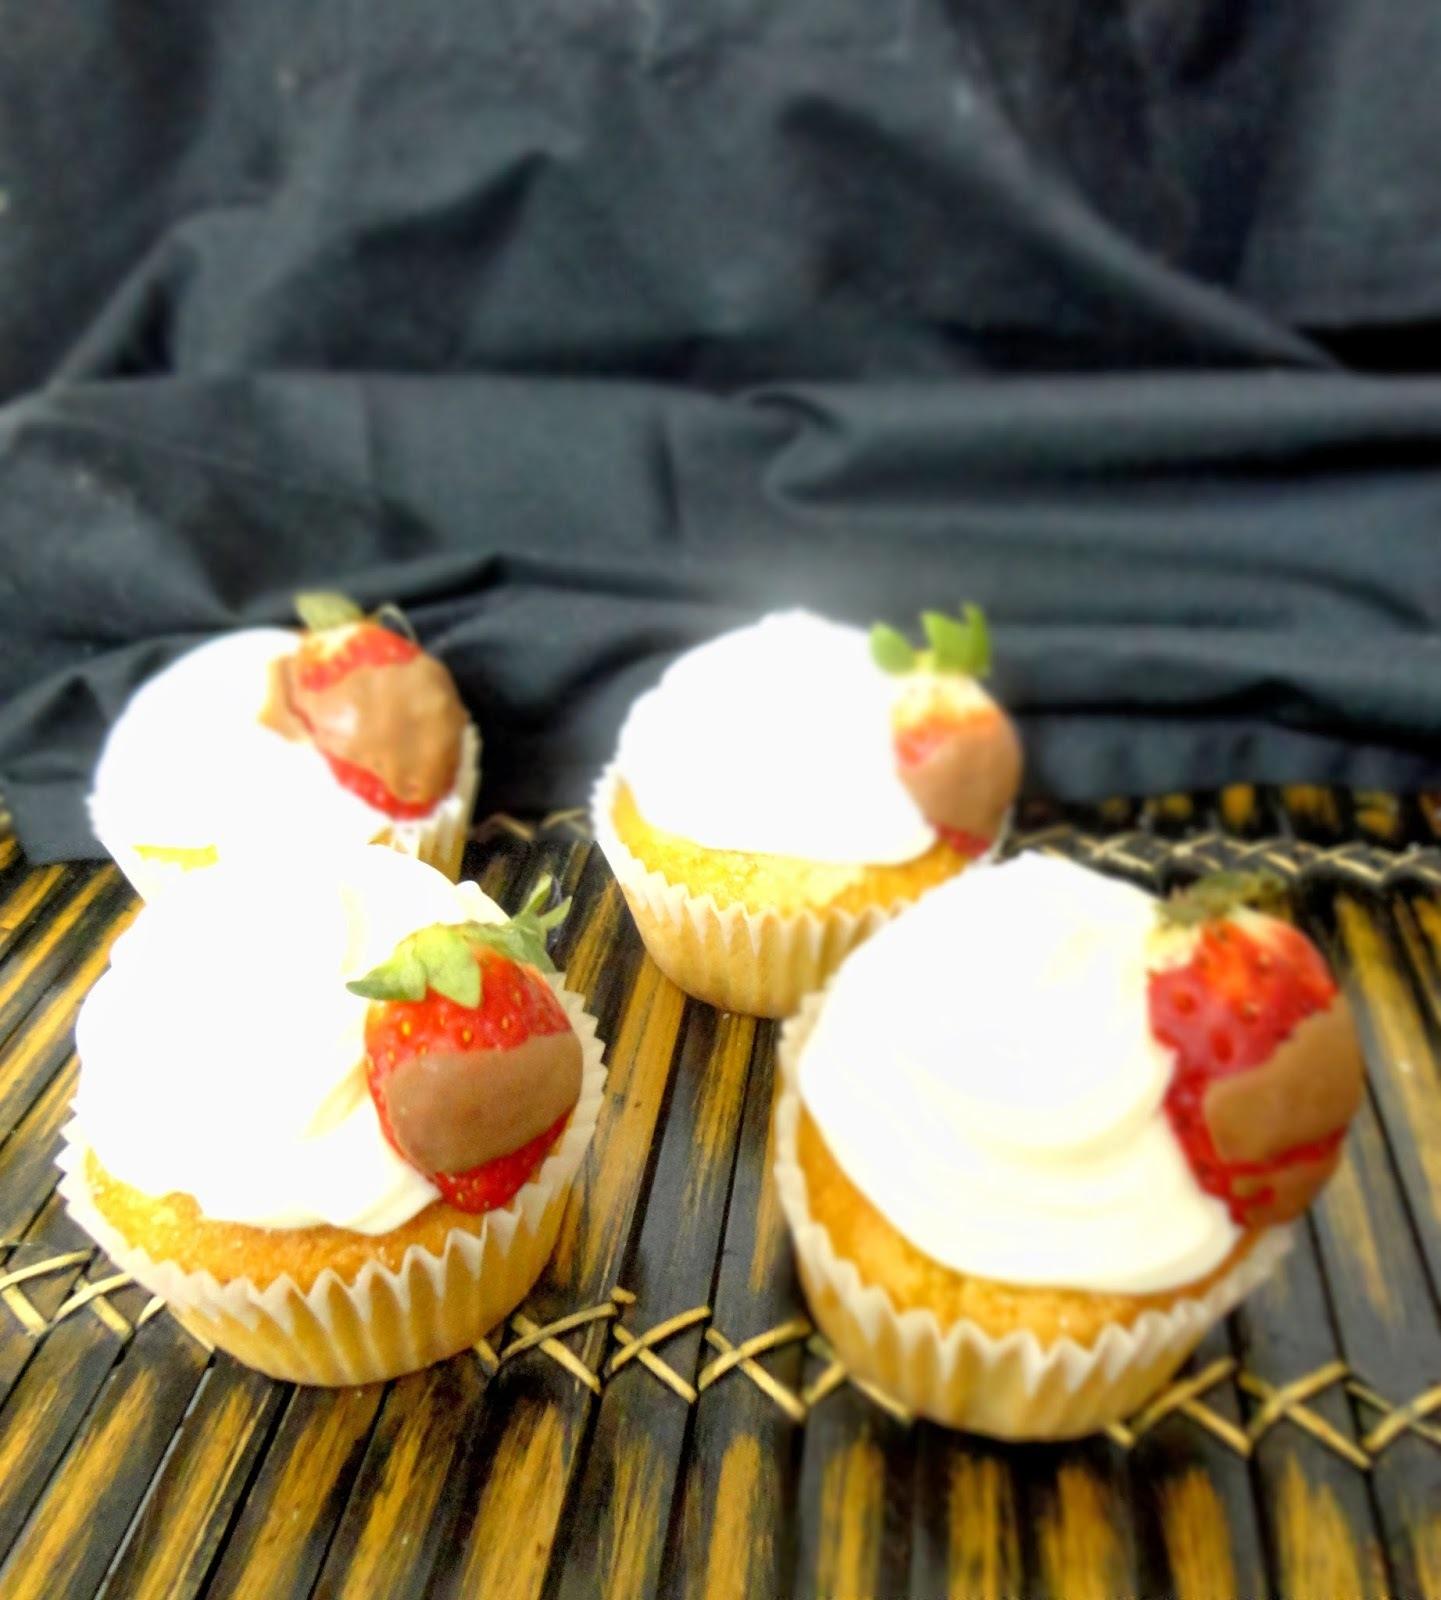 Cheesecake Cupcakes (cupcakes de tarta de queso)